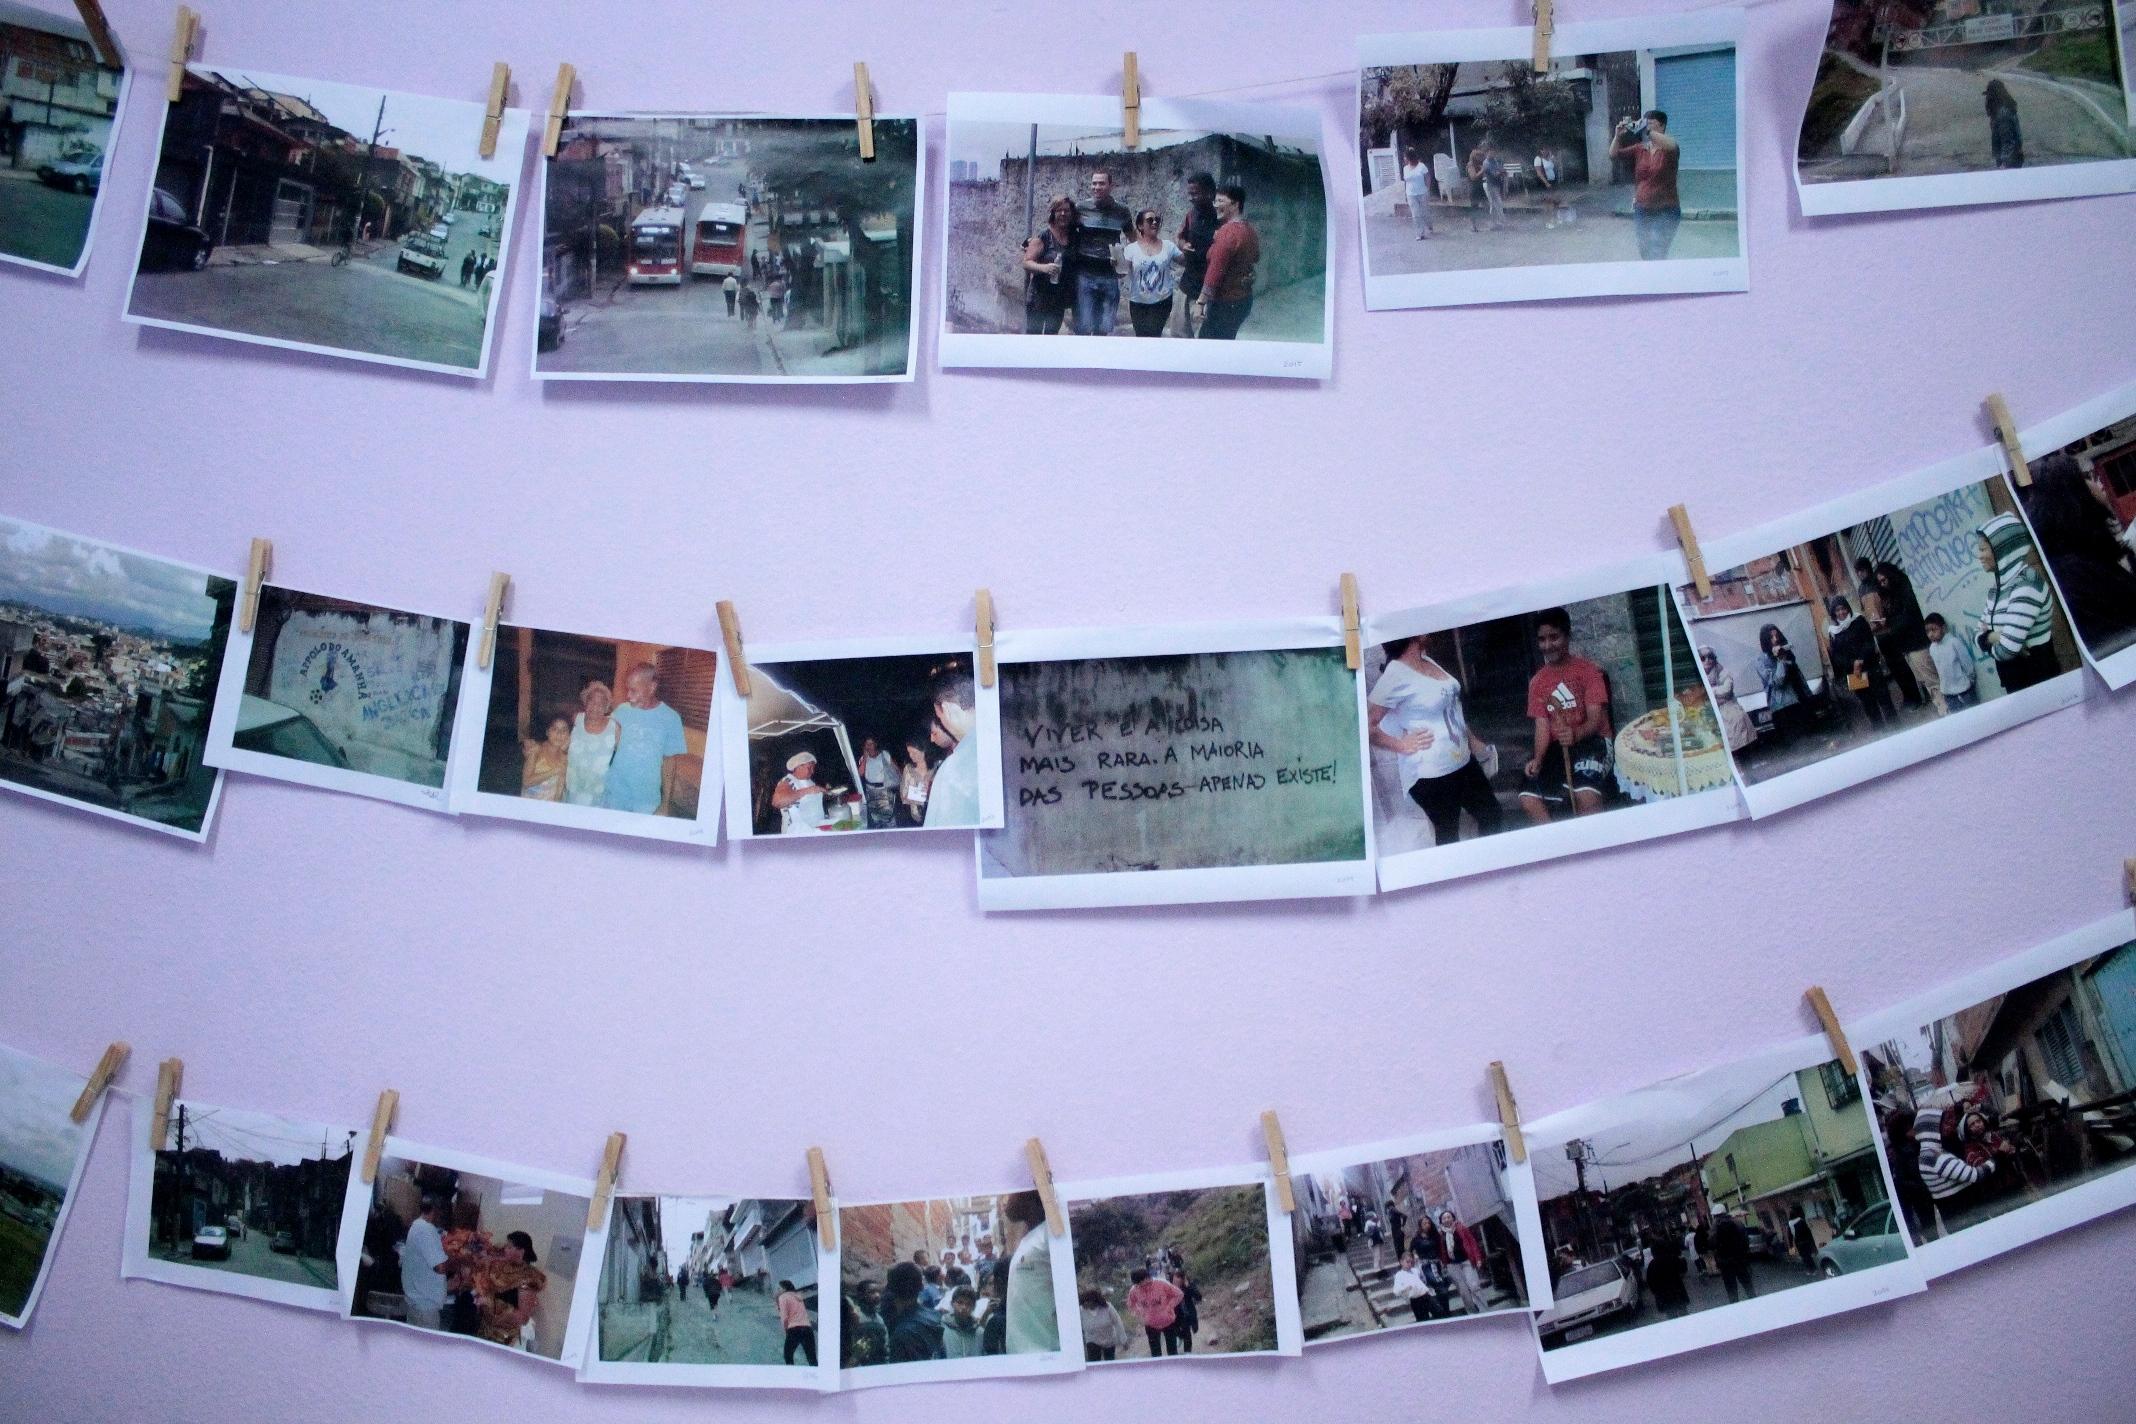 Integrante do projeto Memórias, a exposição atual do Memorial Solano Trindade fotografa o cotidiano do bairro